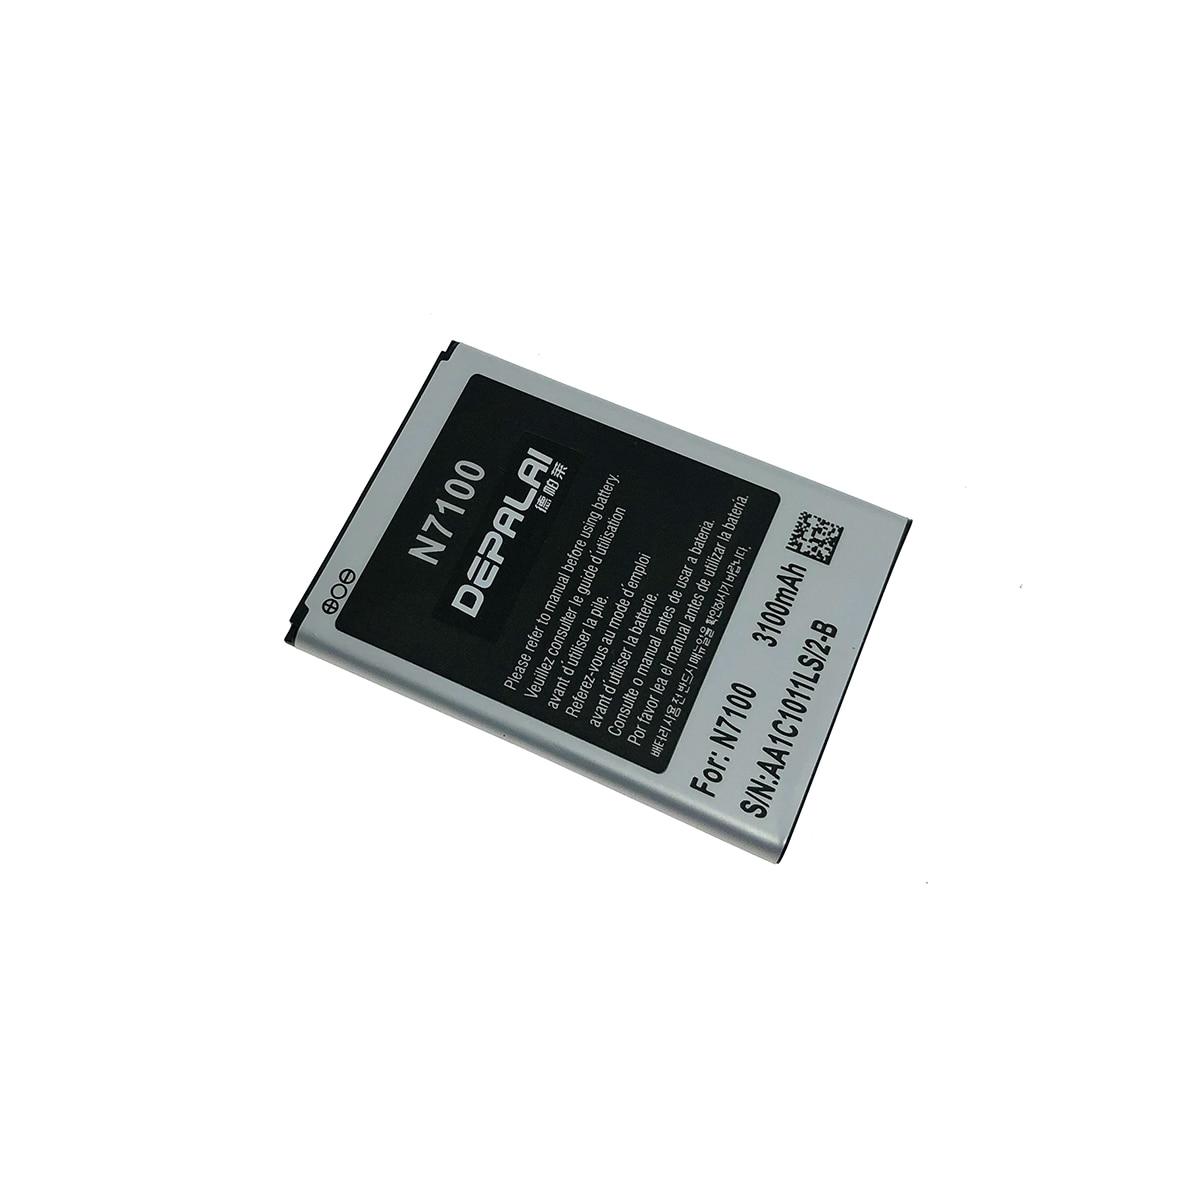 EB595675LU Replacment Battery for Samsung Galaxy Note 2 Note2 Note II N7100 N7102 GT-N7105 Internal Batteries 3100mAh enlarge